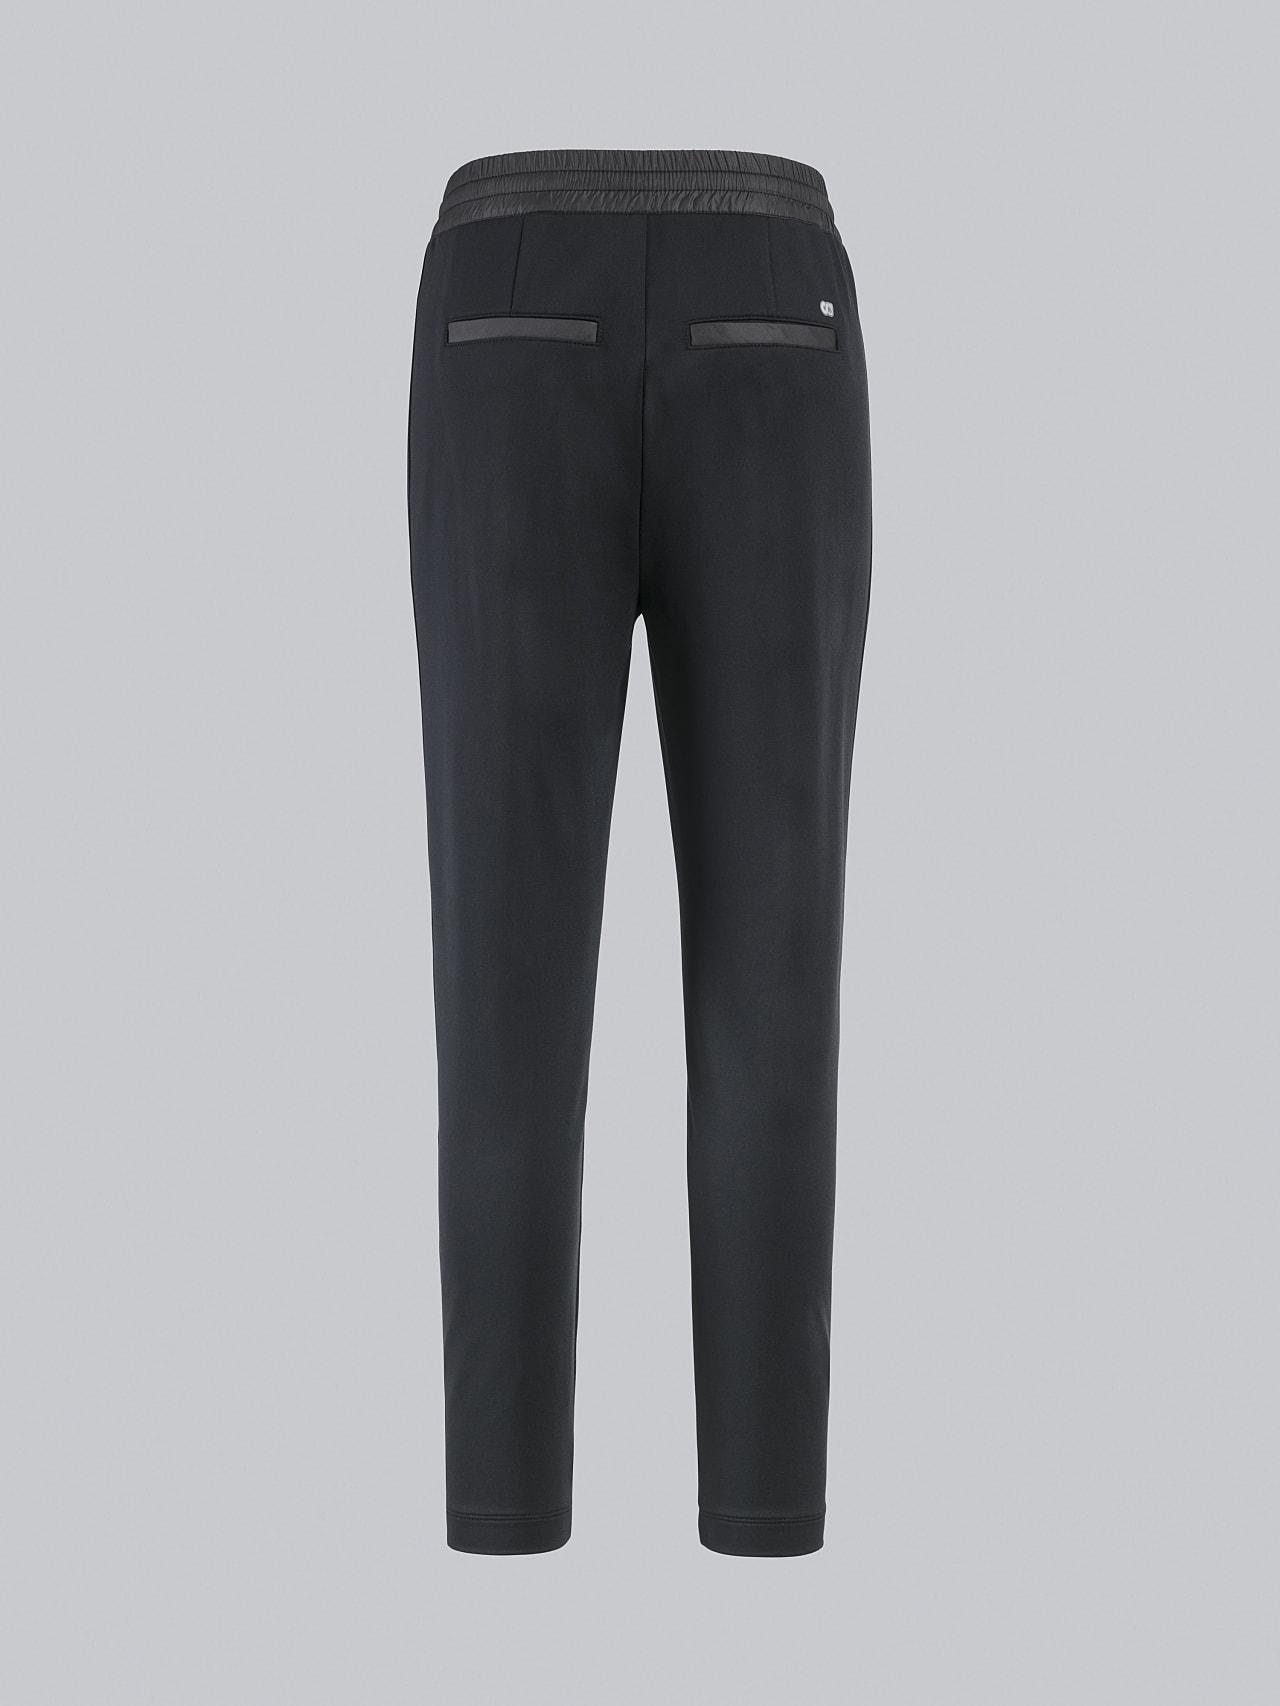 PANTA V1.Y4.02 Cropped Pants black Left Alpha Tauri